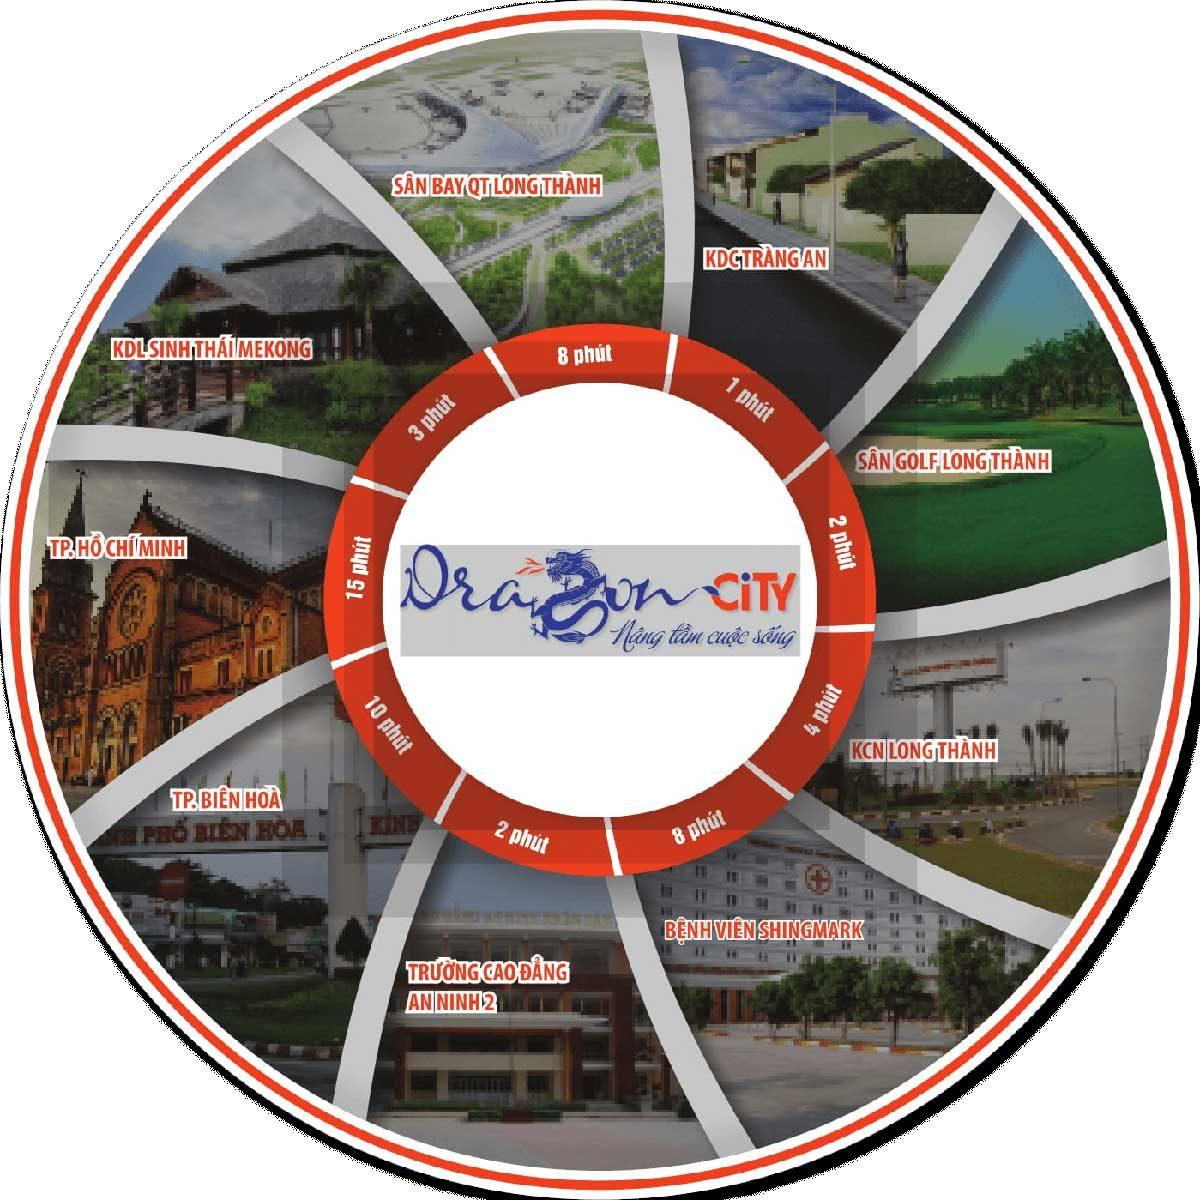 tien ich ket noi khu vuc du an dragon city - DỰ ÁN DRAGON CITY BIÊN HÒA ĐỒNG NAI